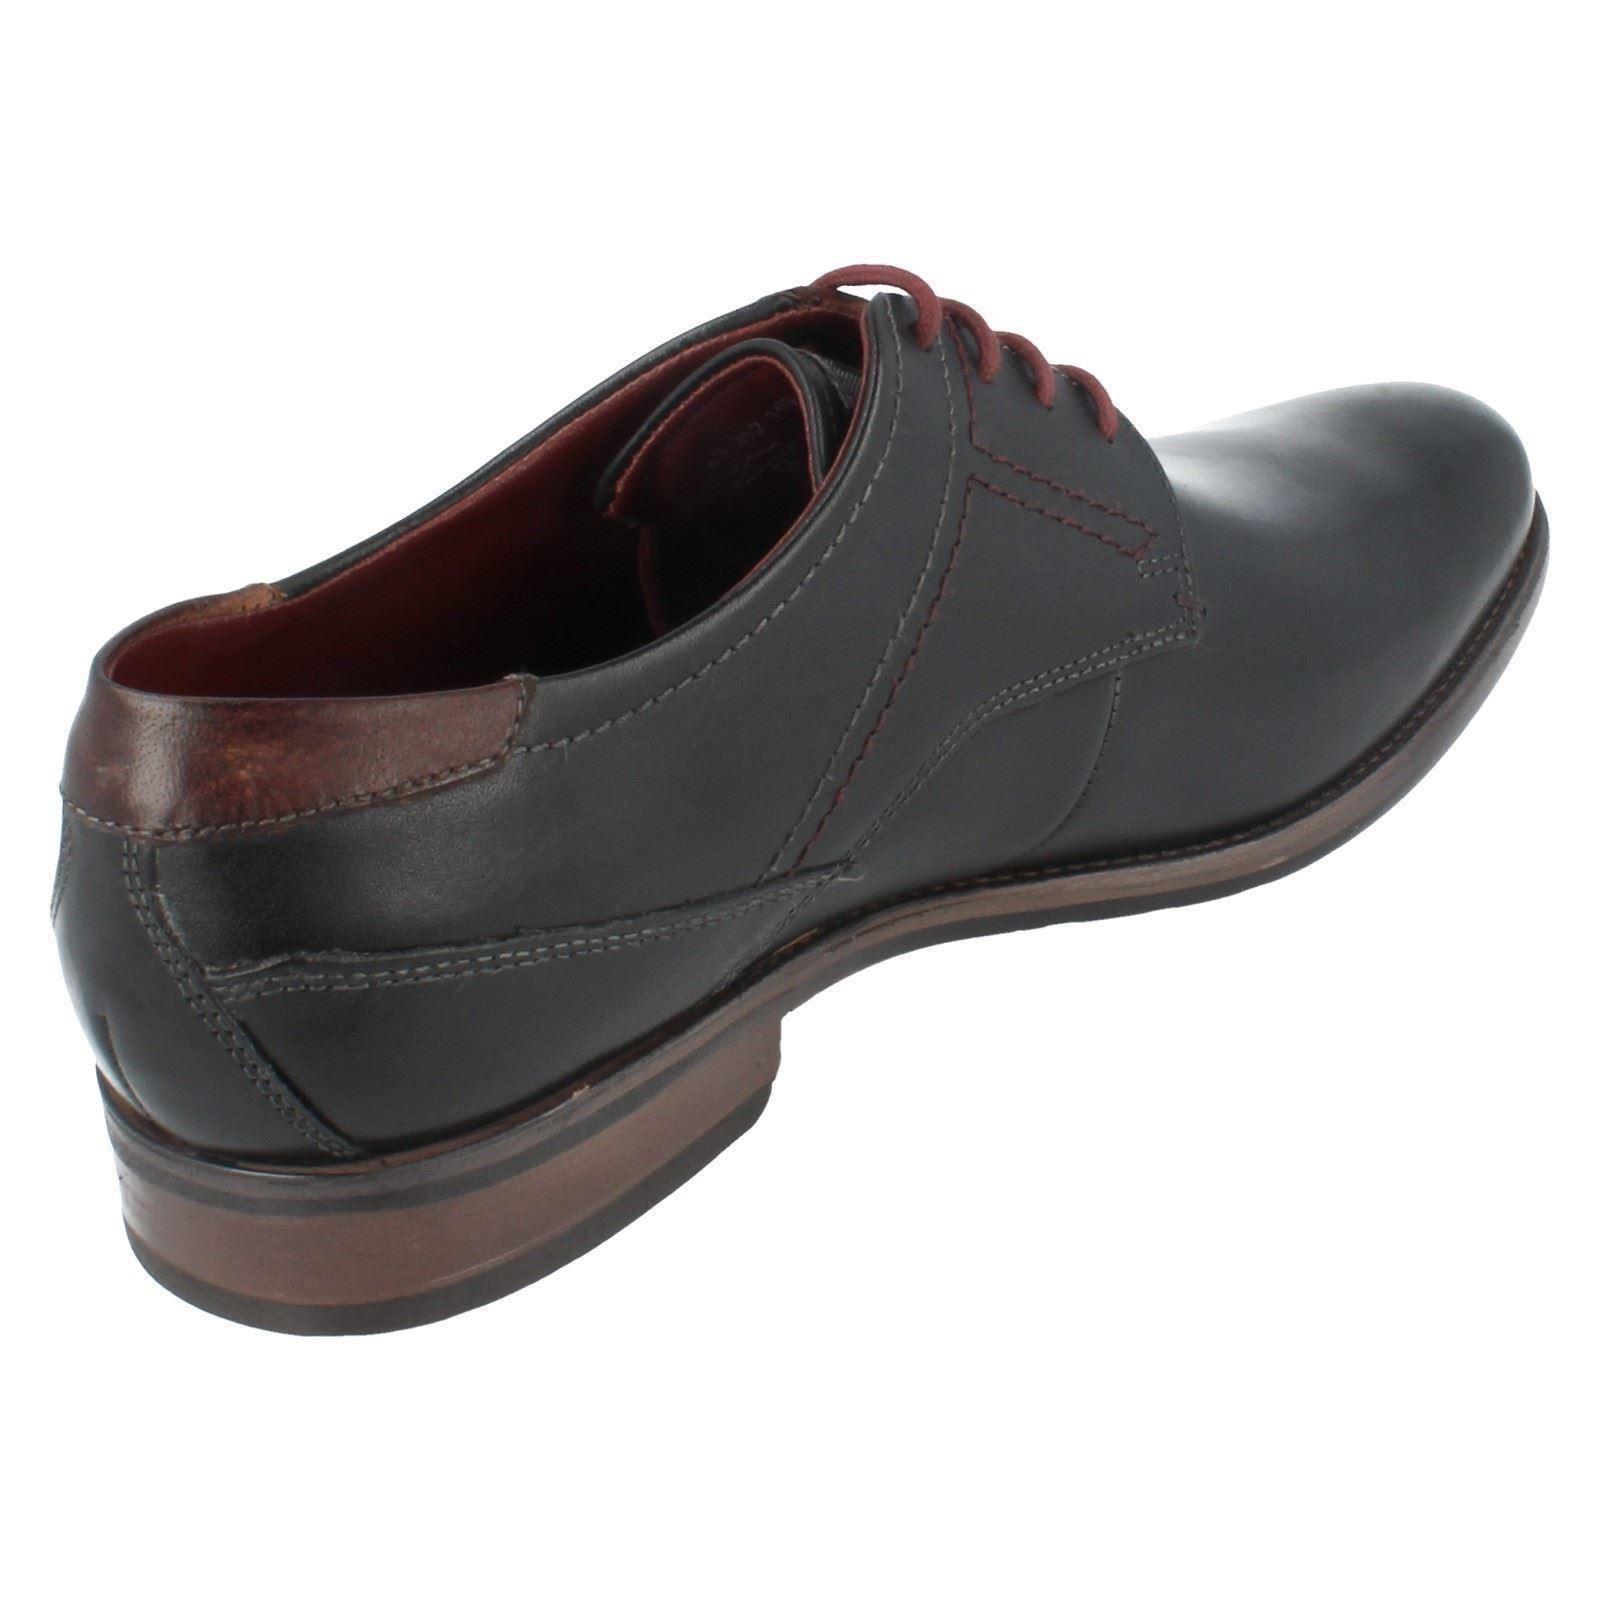 Mens Bugatti Formal Shoes Style 312 16302 N Ebay